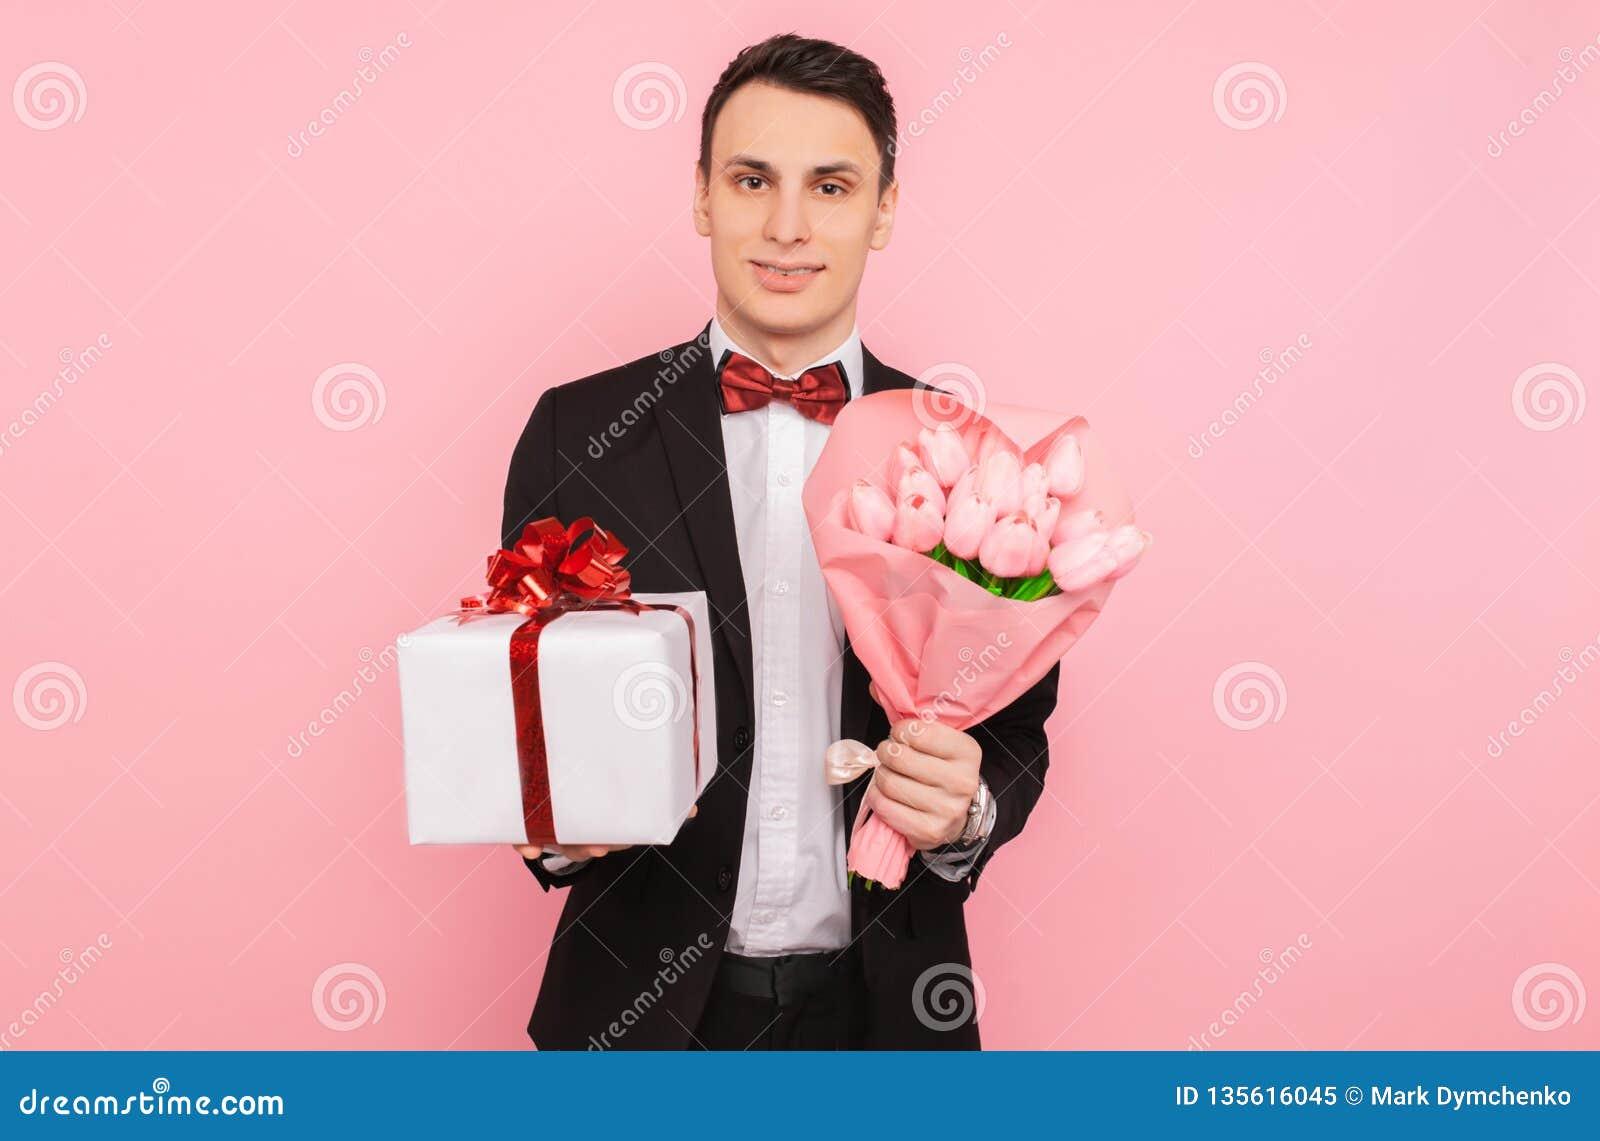 Elegancki mężczyzna w kostiumu z bukietem kwiaty i prezenta pudełko na różowym tle pojęcie kobieta dzień